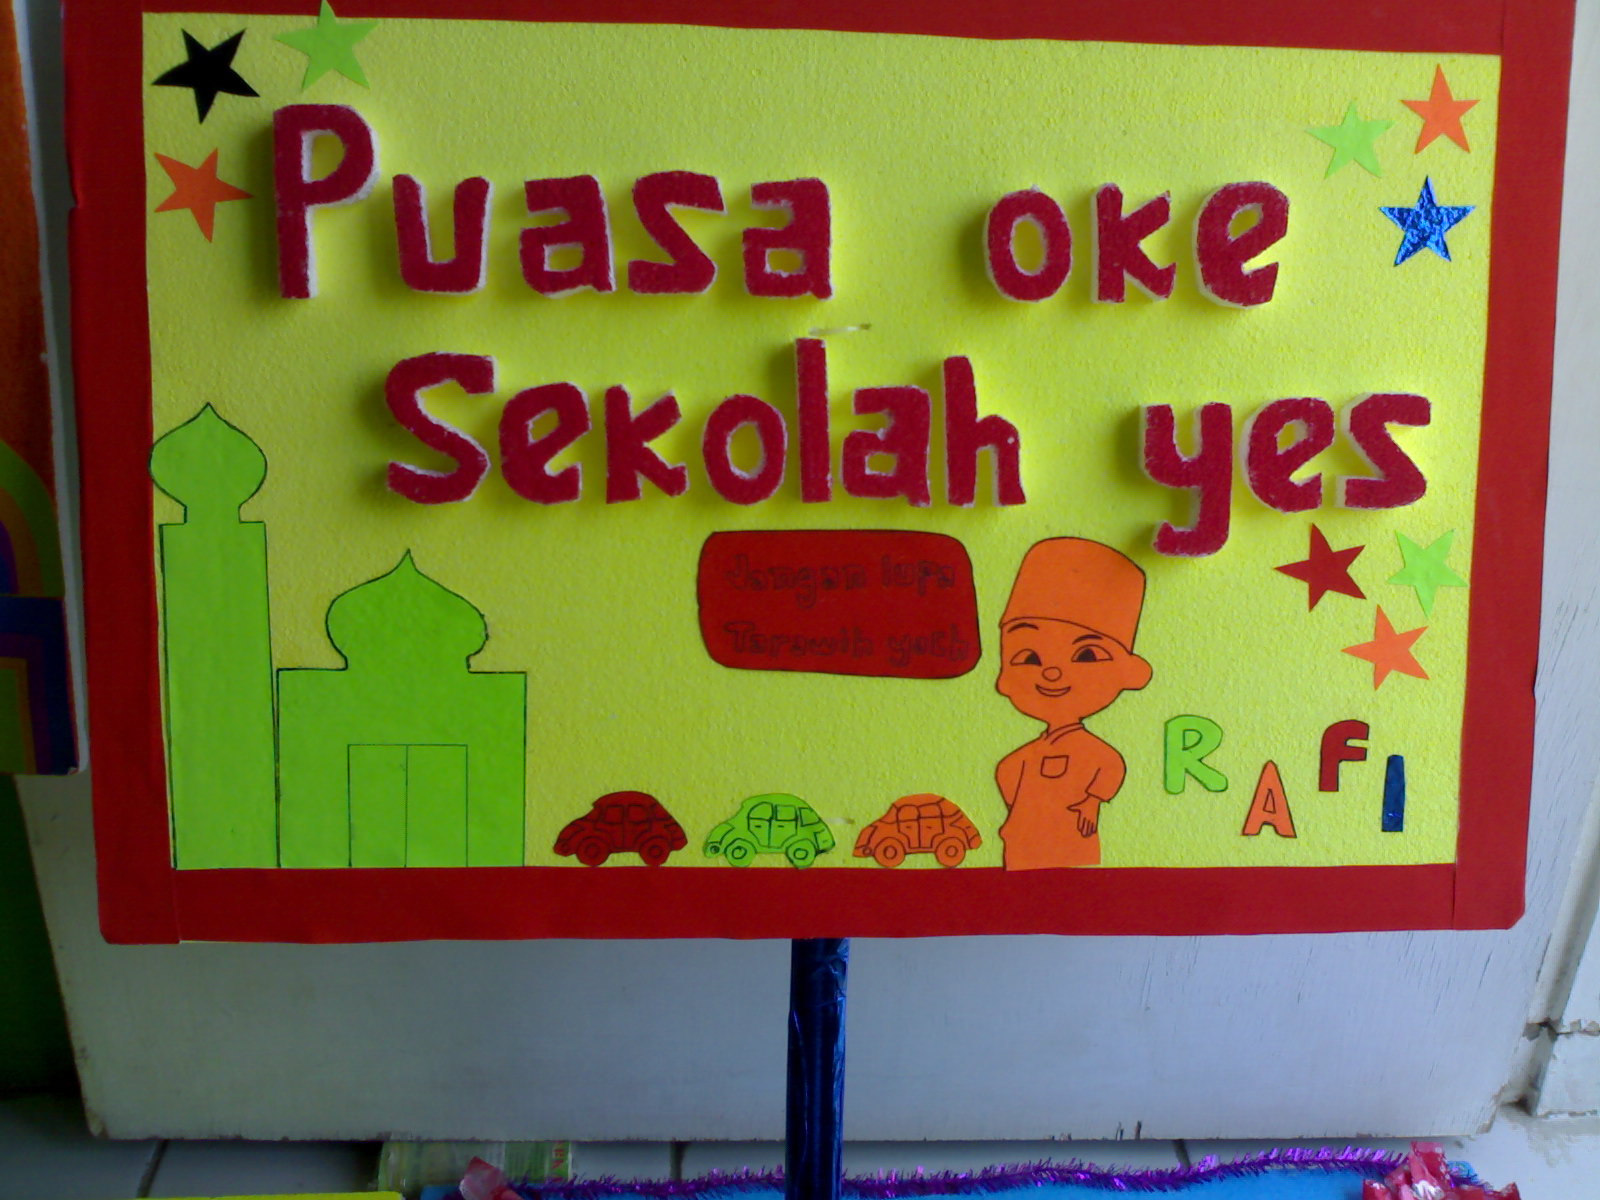 Download 101 Gambar Poster Ramadhan Anak Sd Terbaru Gratis